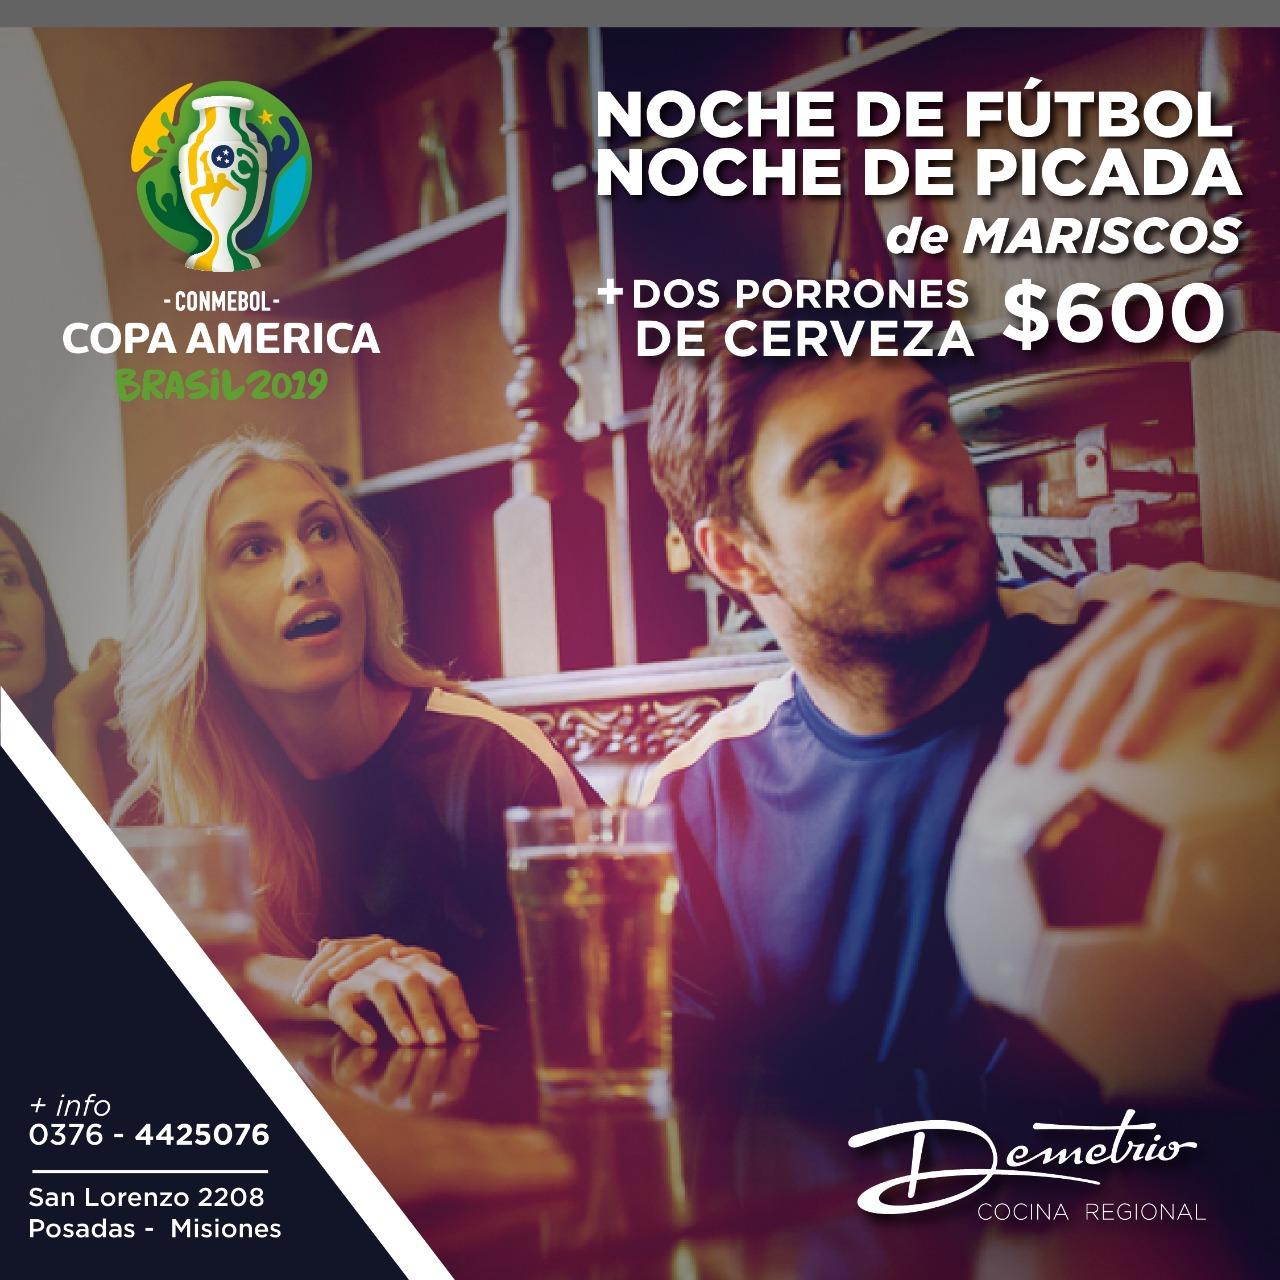 Demetrio te invita a disfrutar de la Copa América con amigos